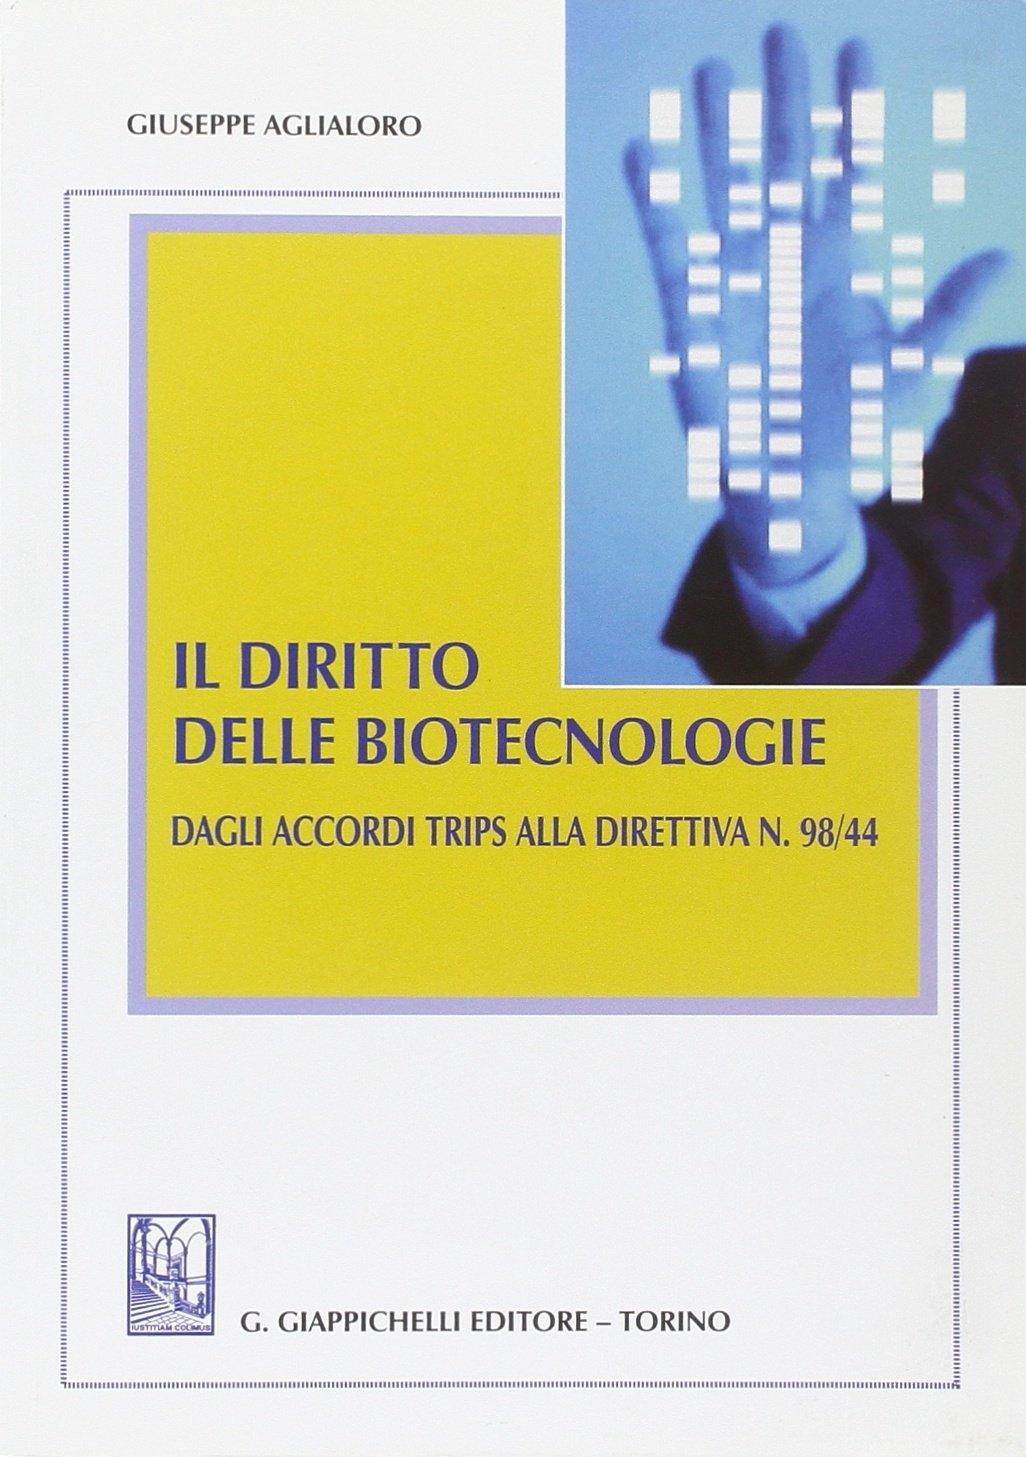 Il diritto delle biotecnologie. Dagli accordi trips alla direttiva N. 98/44